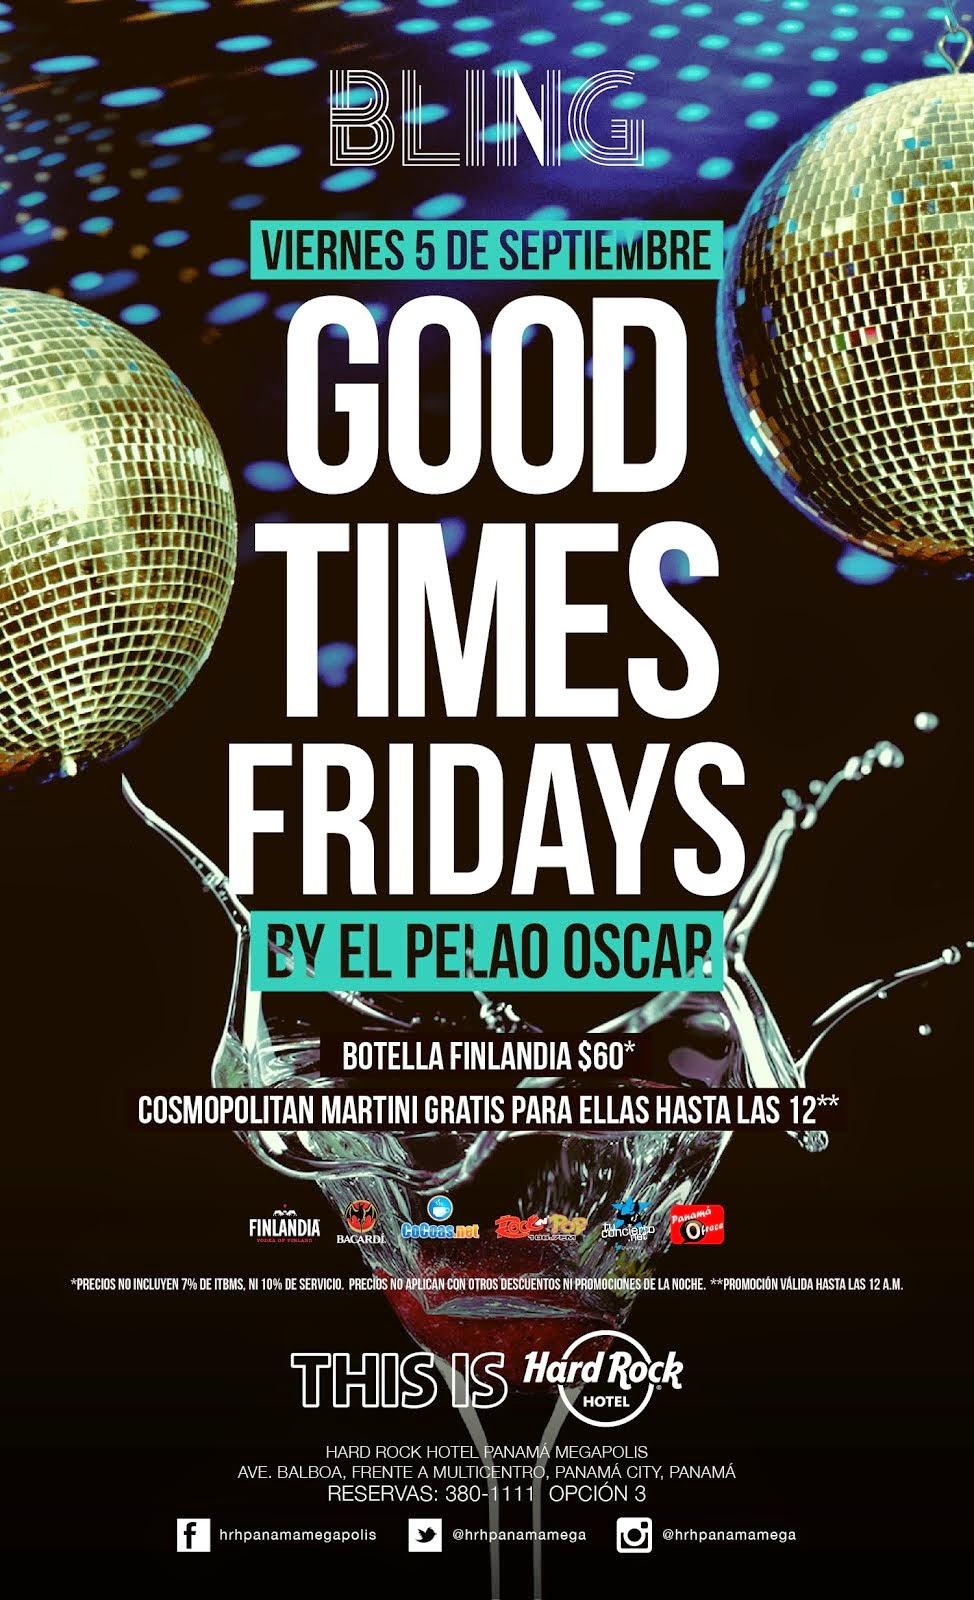 Good Time Fridays - BLING